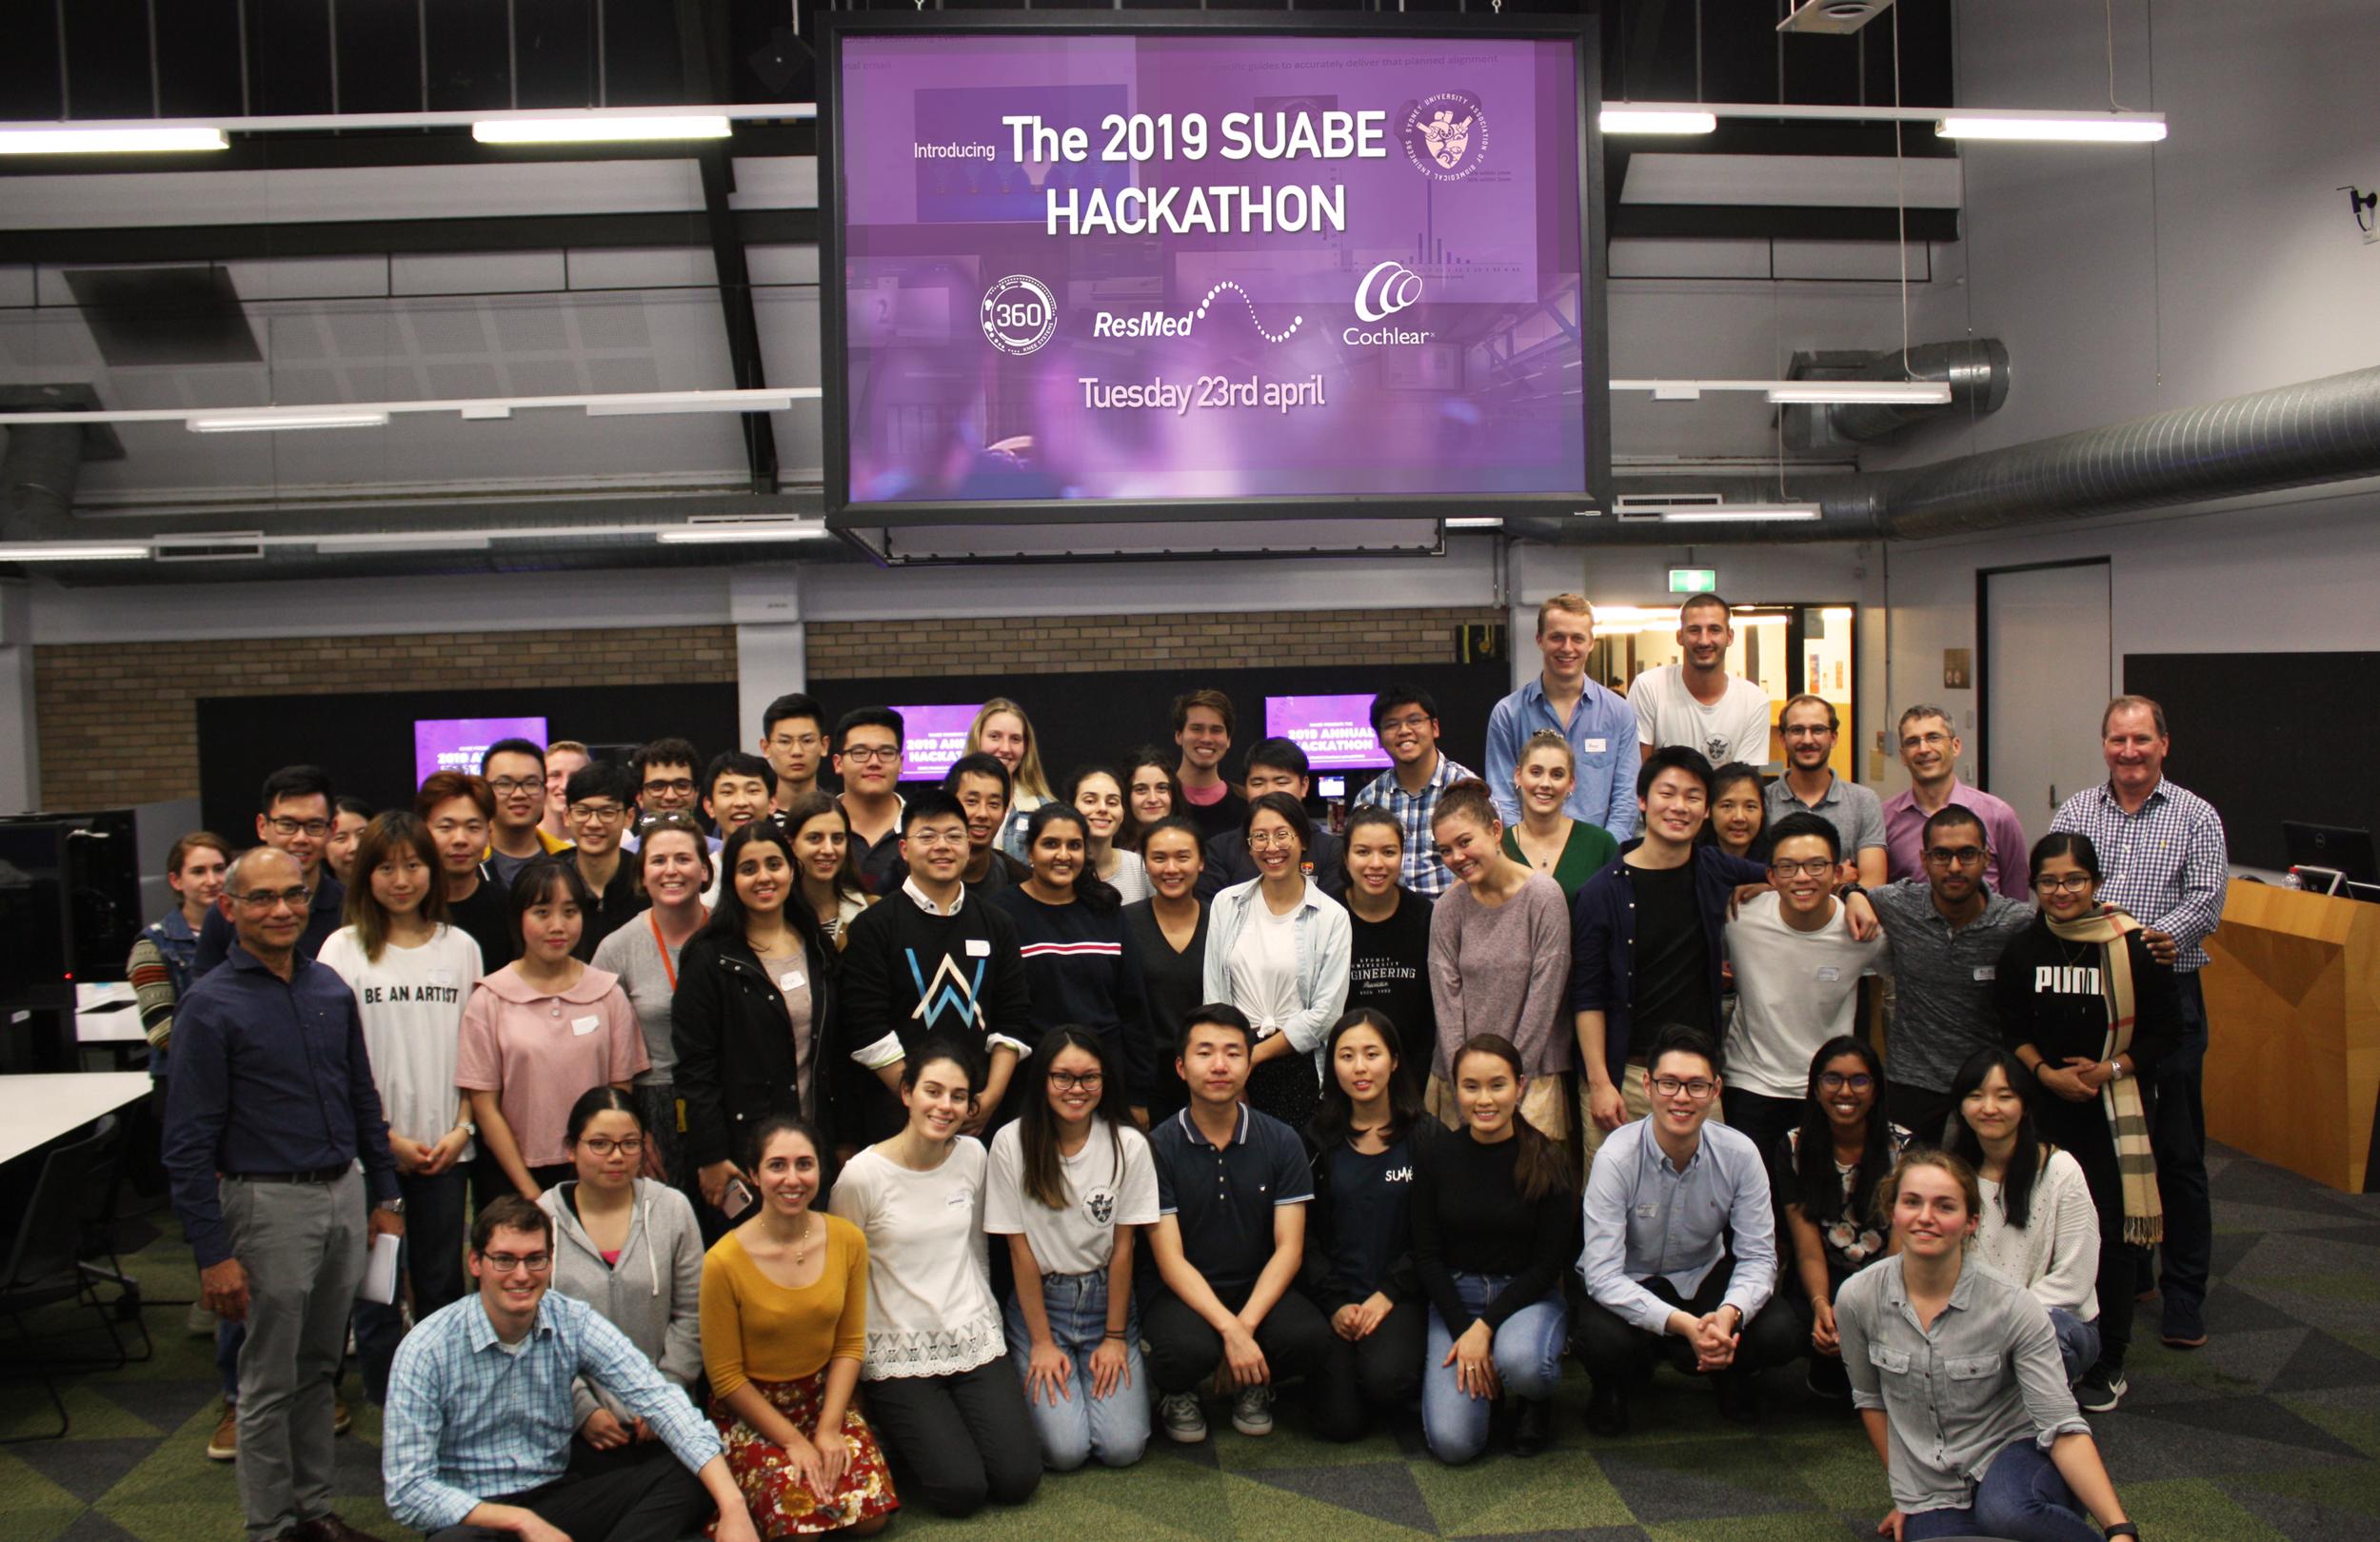 Hackathon (tweaked).png